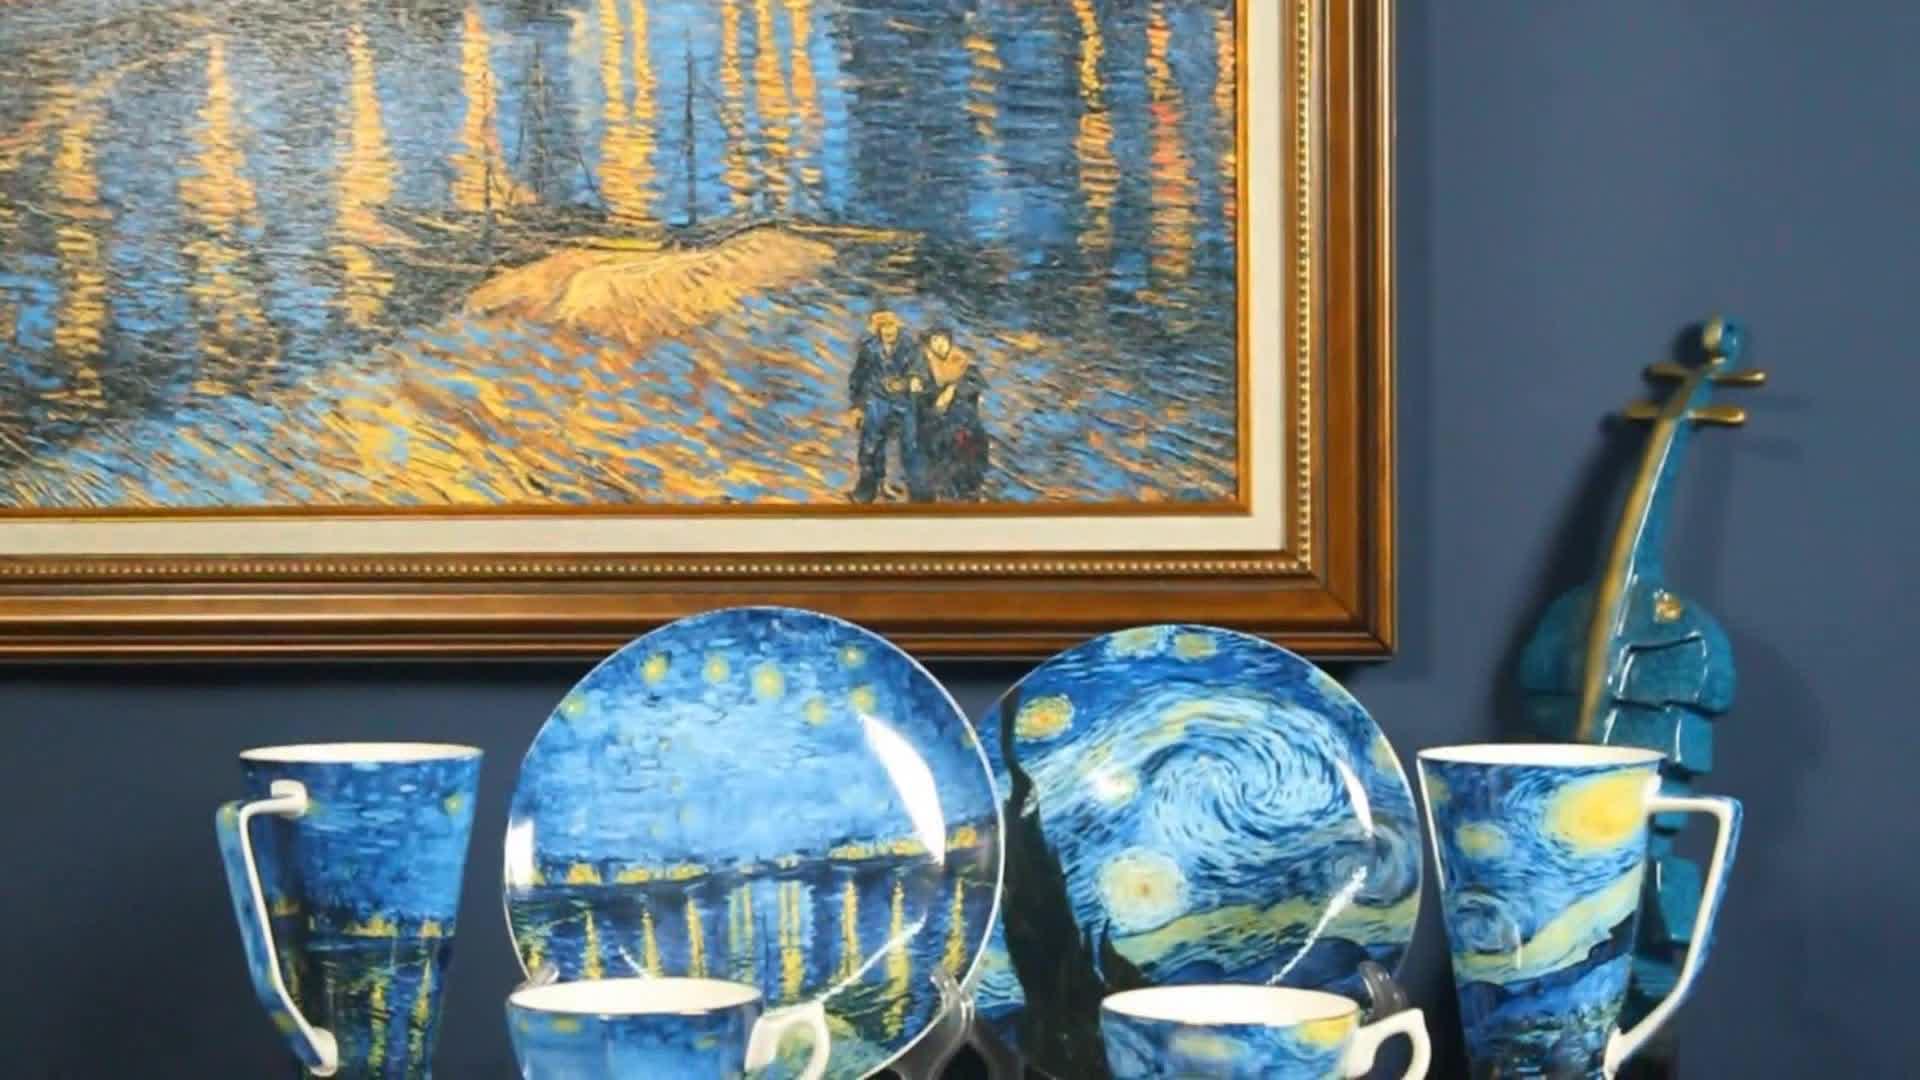 Van gogh peinture populaire fine porcelaine café tasse et soucoupe ensemble